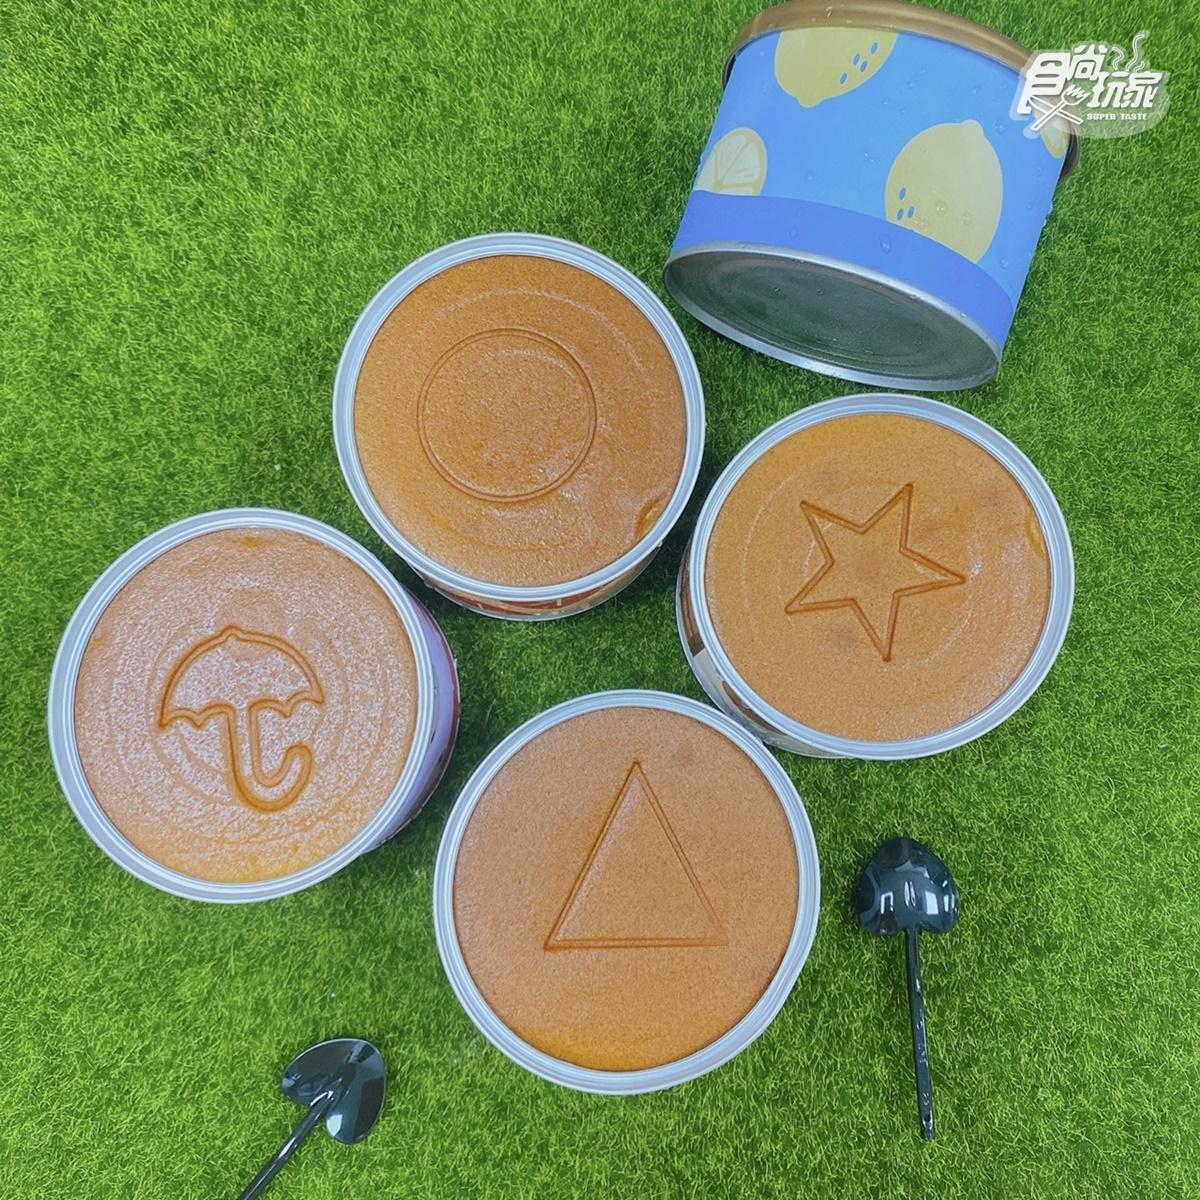 《魷魚遊戲》椪糖化身舒芙蕾!「鐵罐蛋糕」印有4種符號,雨傘、星星等你挑戰